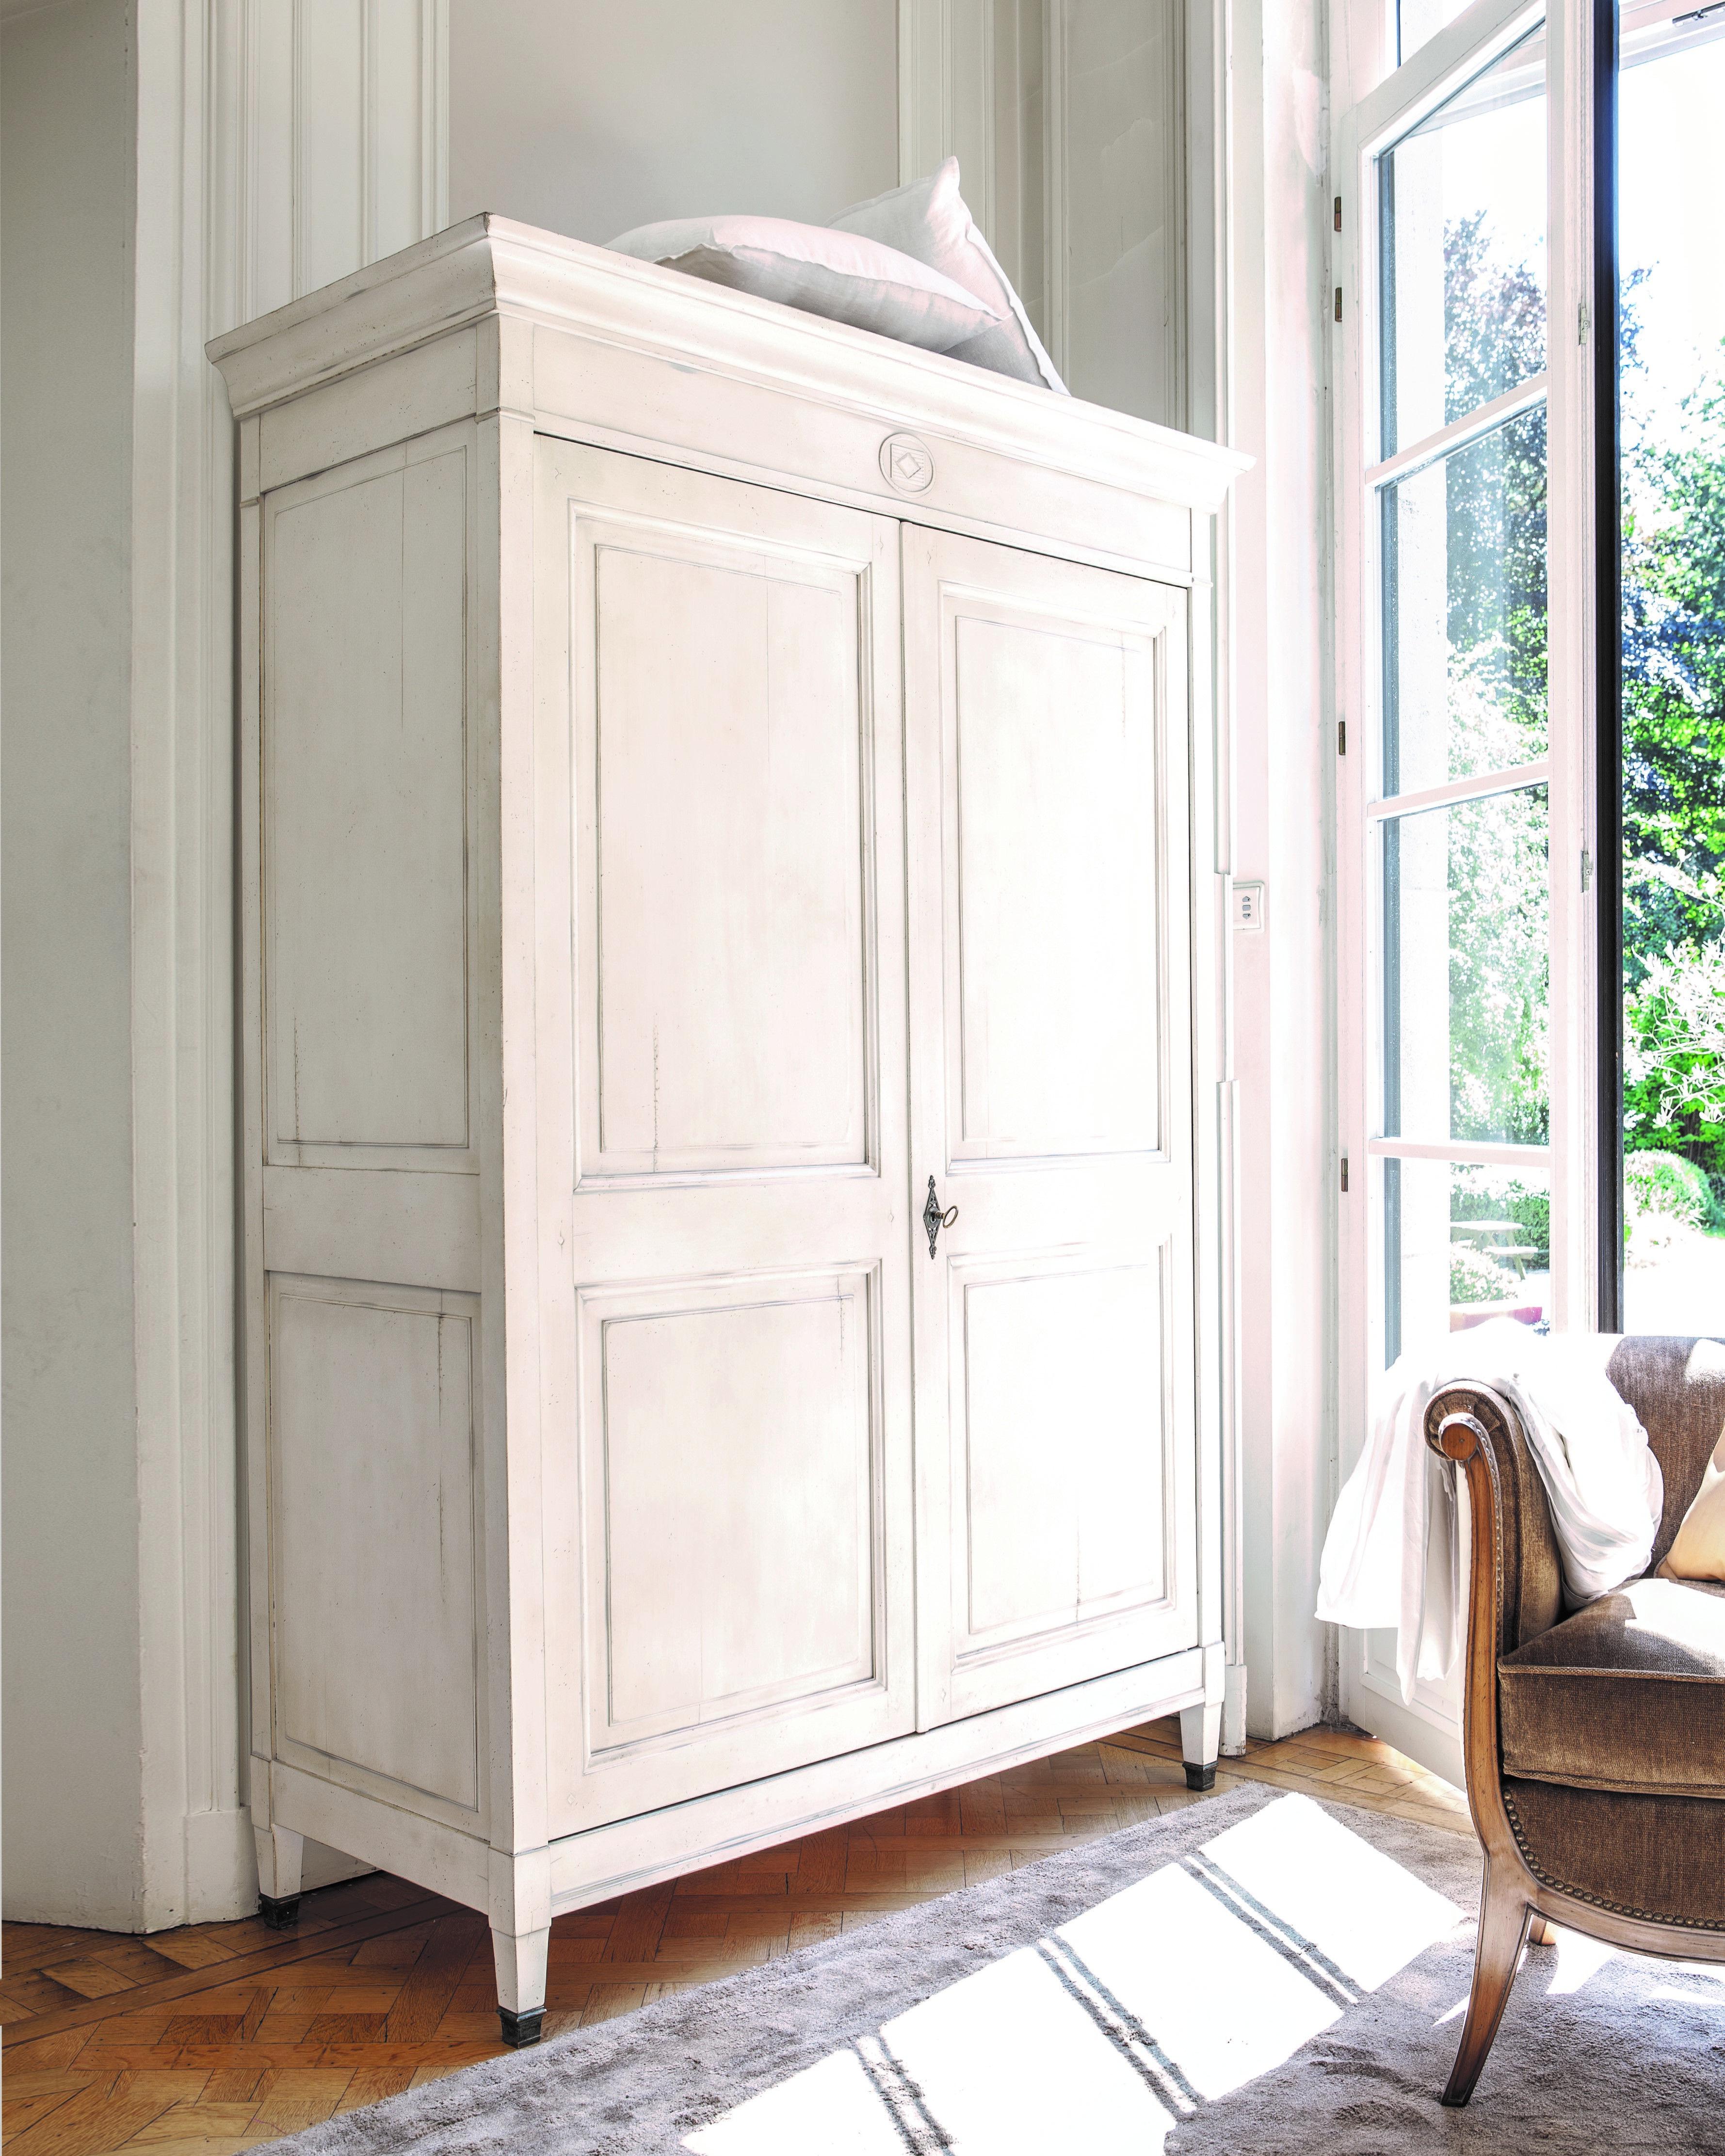 witte kledingkast - kledingkast ideeën - slaapkamer inspiratie ...